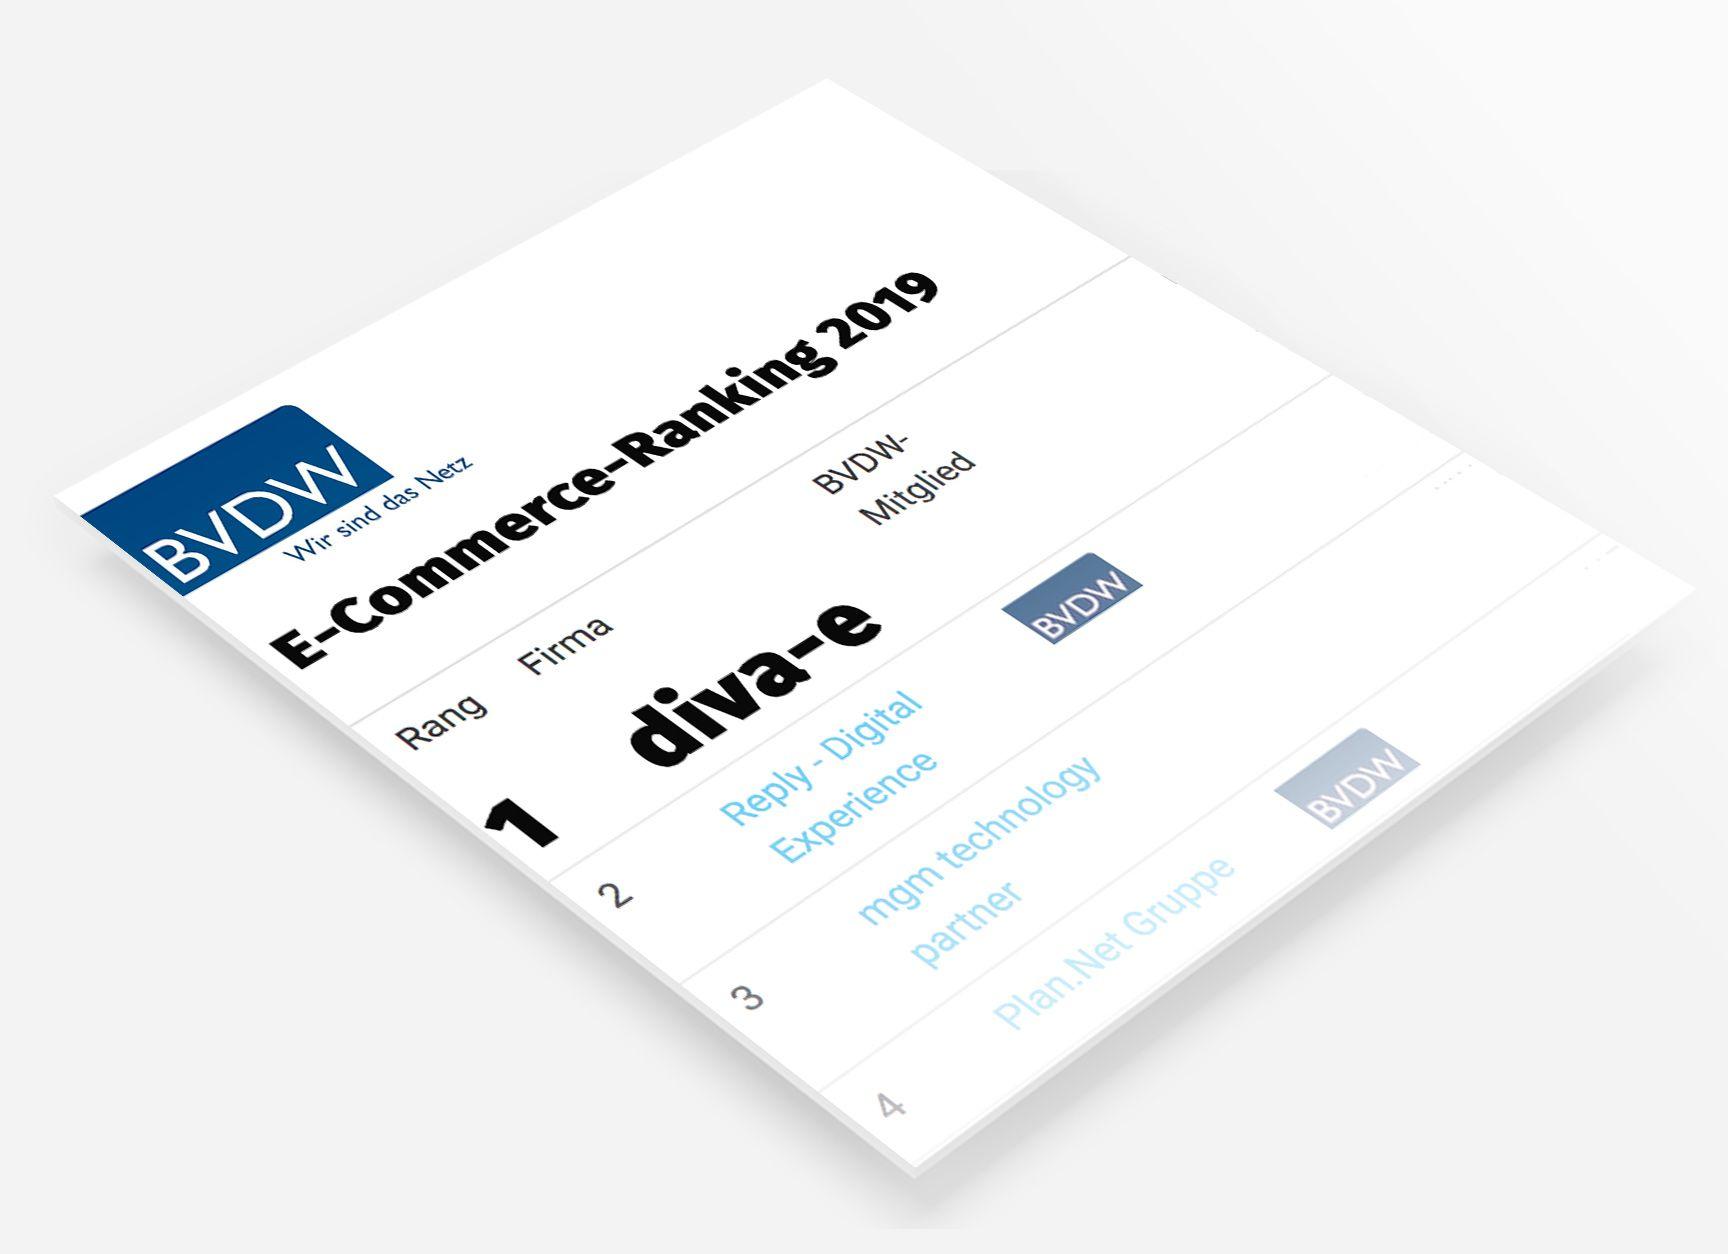 E-Commerce Ranking 2019: diva-e ist erneut die Nummer 1